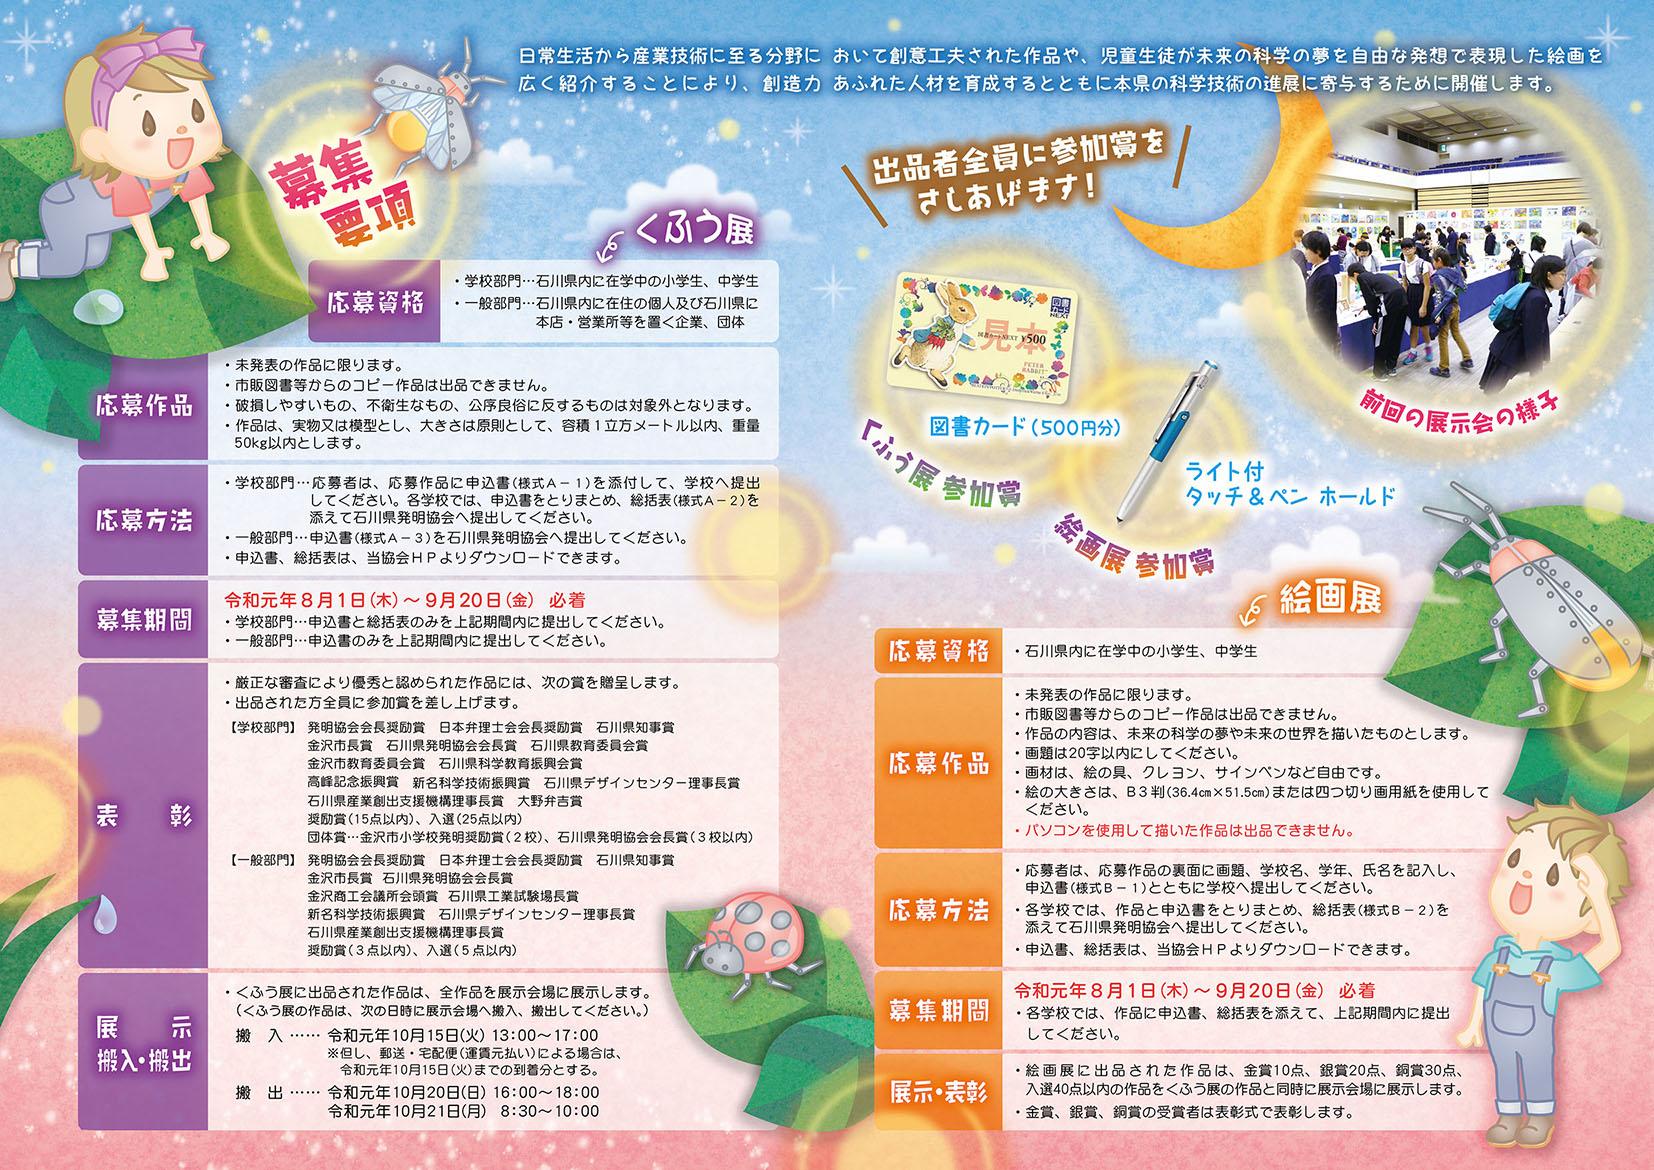 第55回 くふう展/第35回 夢絵画展 パンフ(中面